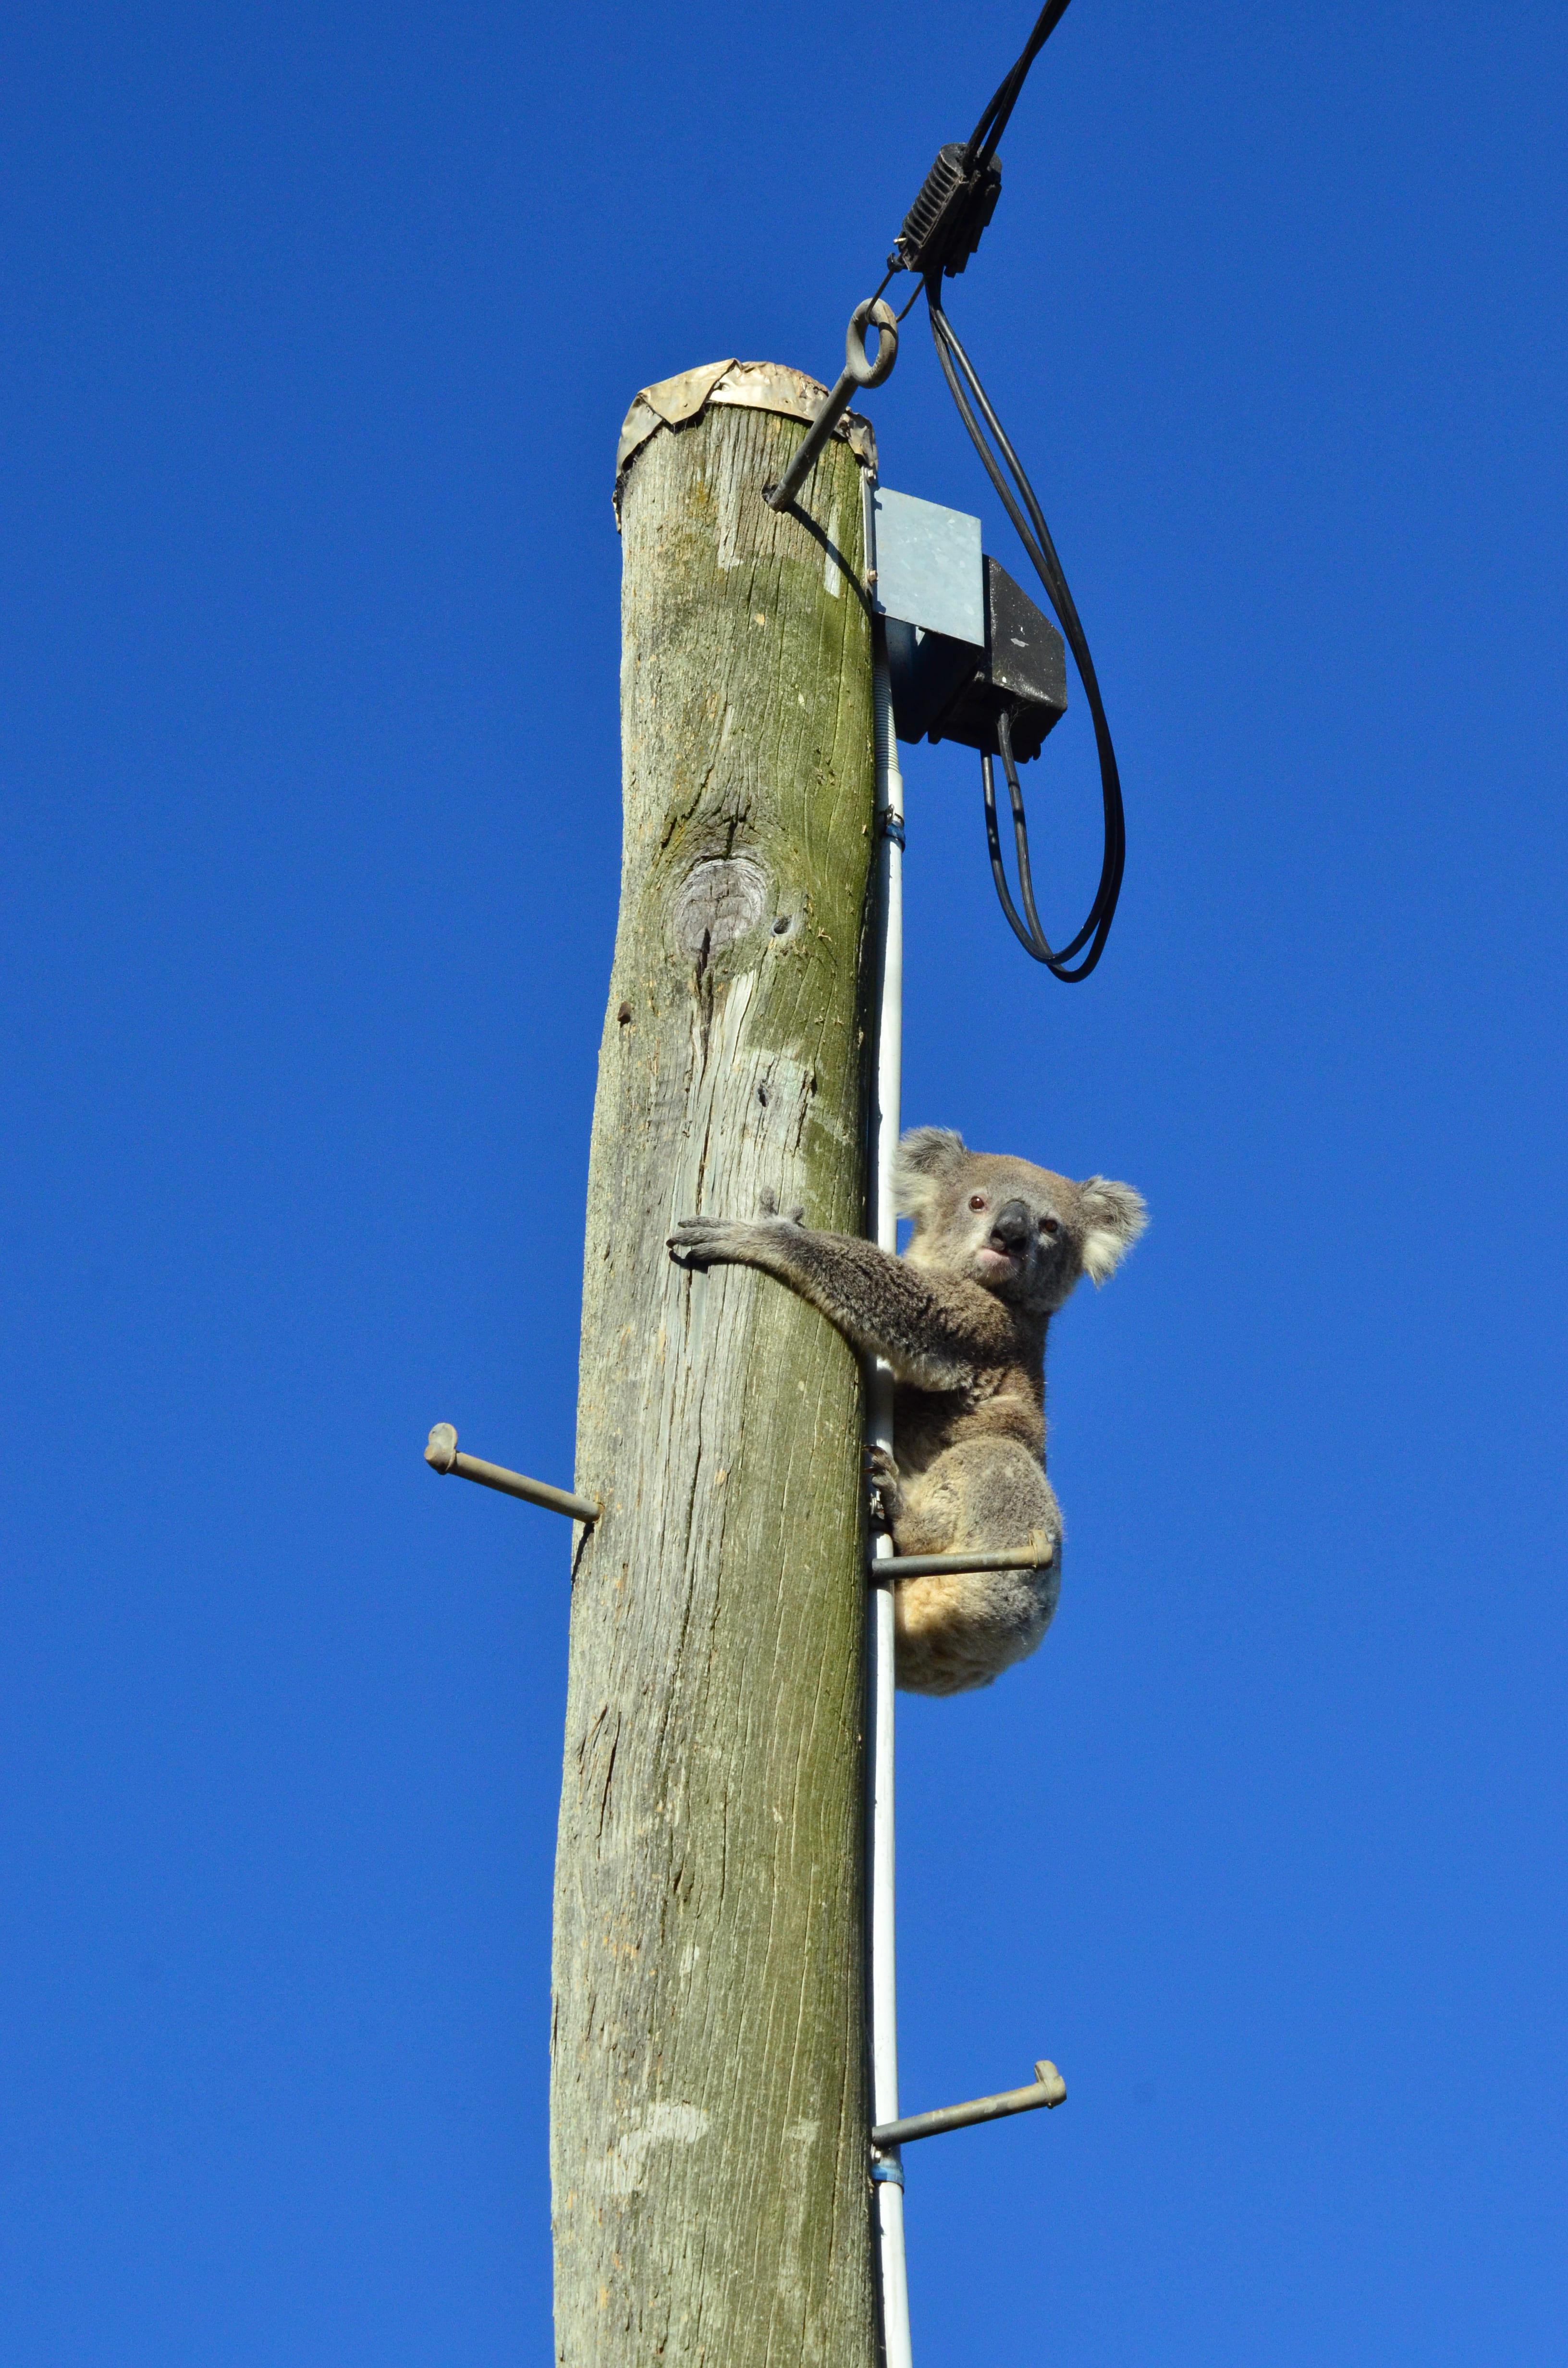 Un koala a grimpé sur un poteau électrique.